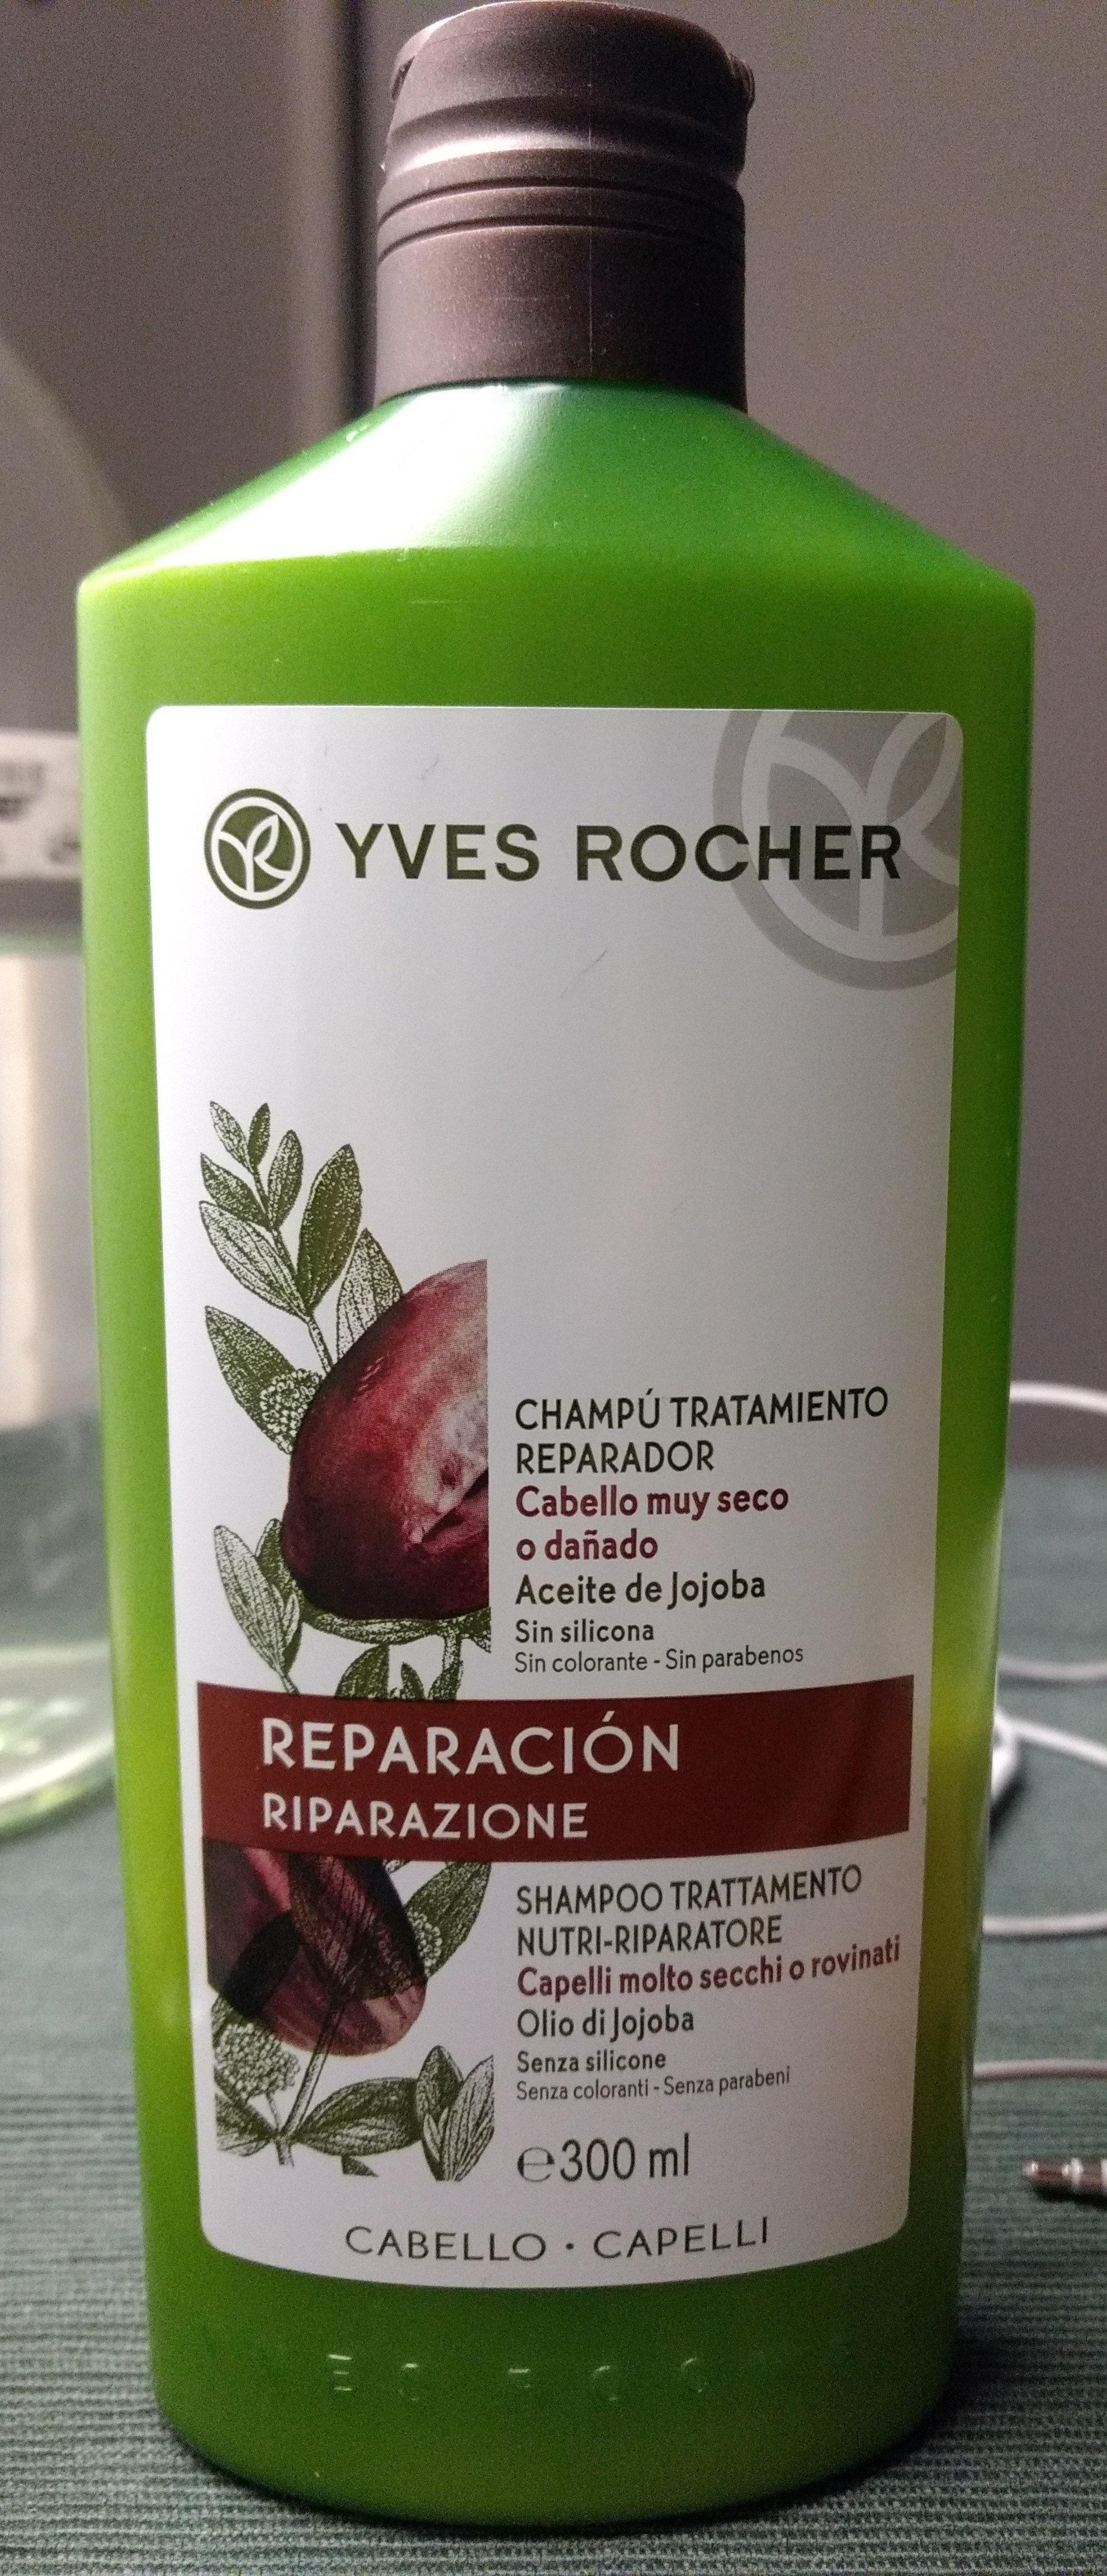 Riparazione - Shampoo Trattamento Nutri-Riparatore - Product - it